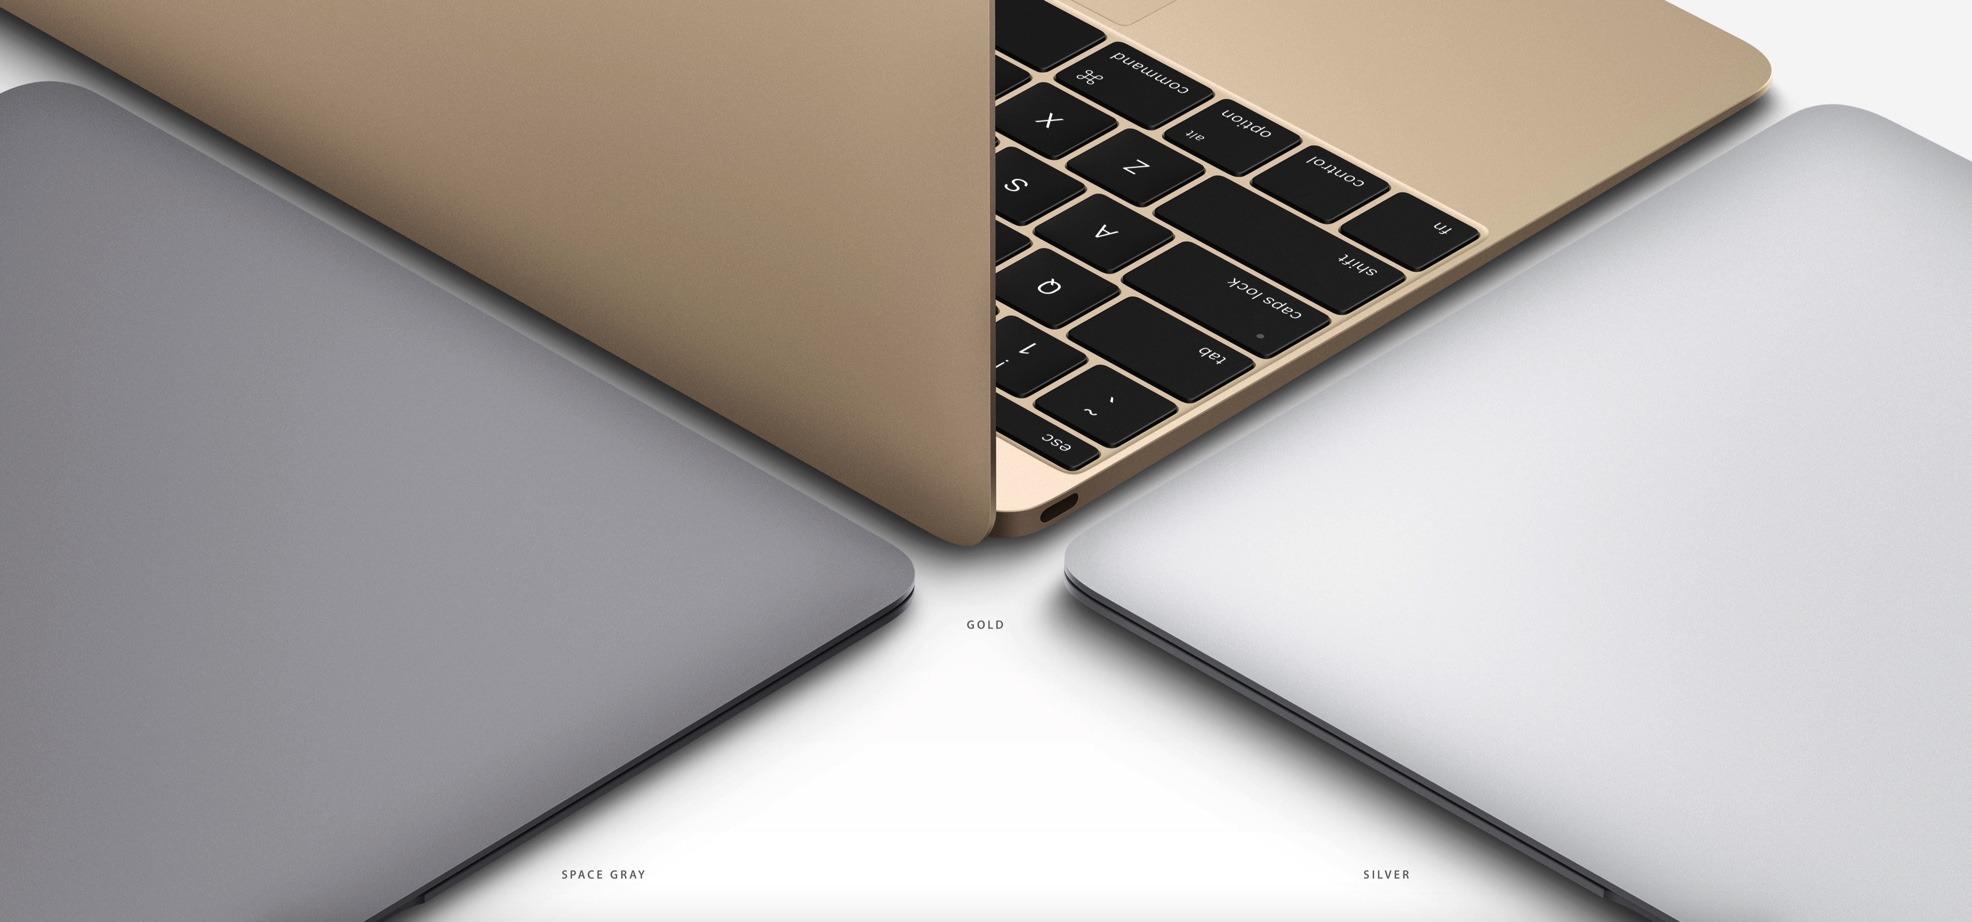 macbook-apple1